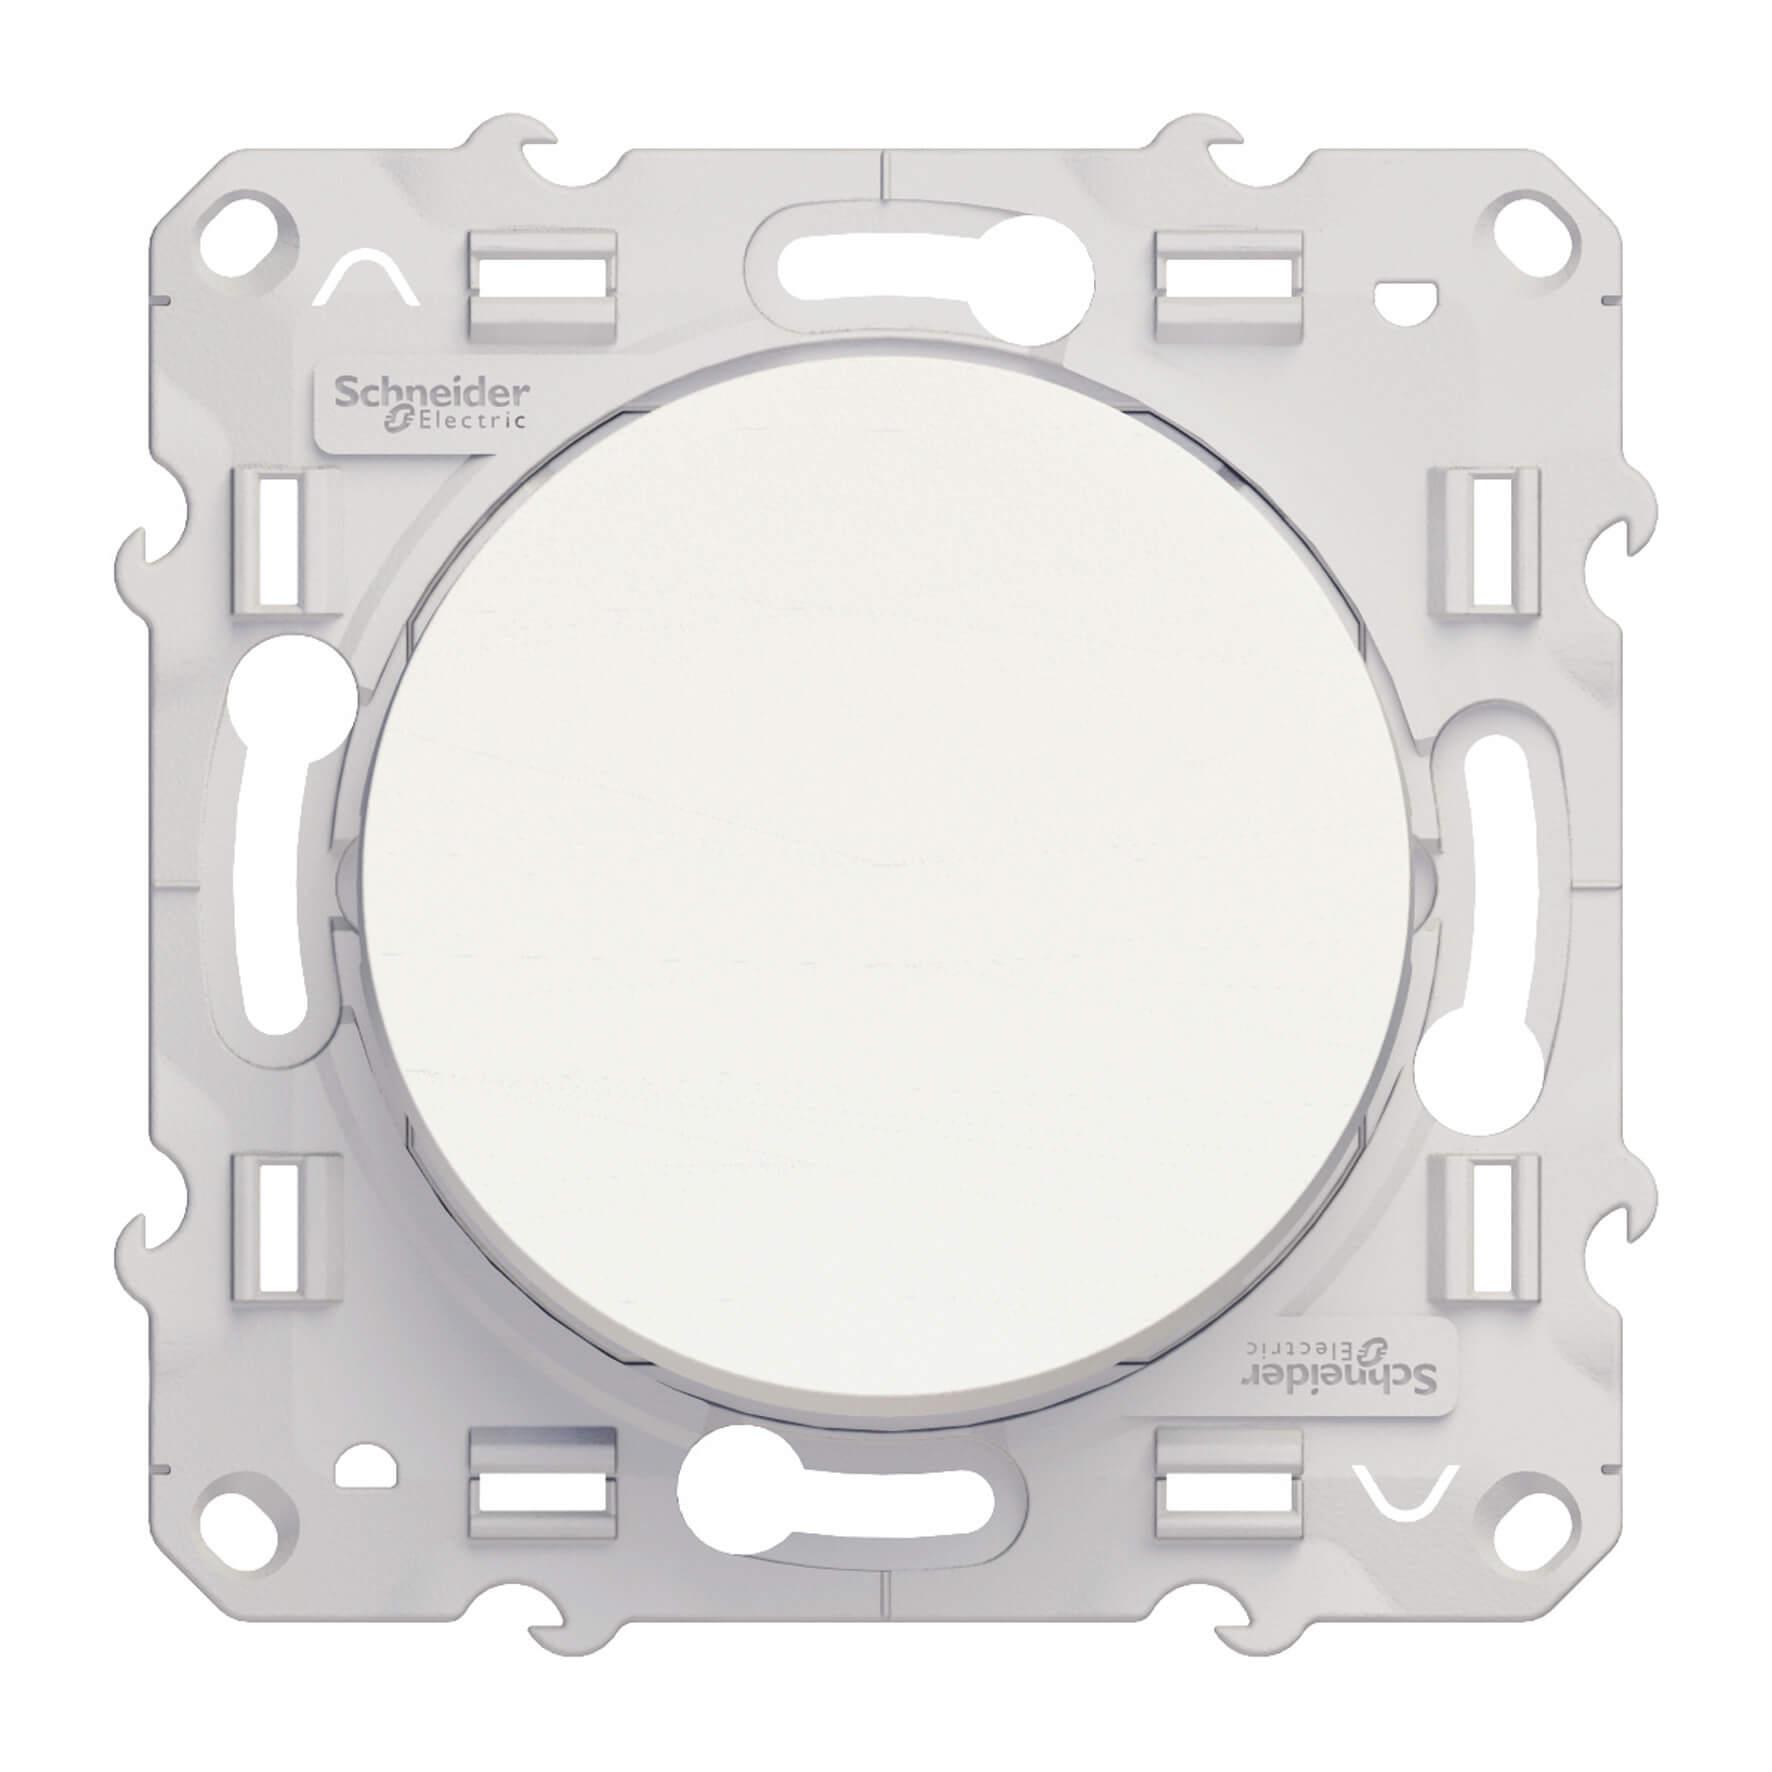 Schneider-Merten Odace wisselschakelaar 10A - wit (S520203)